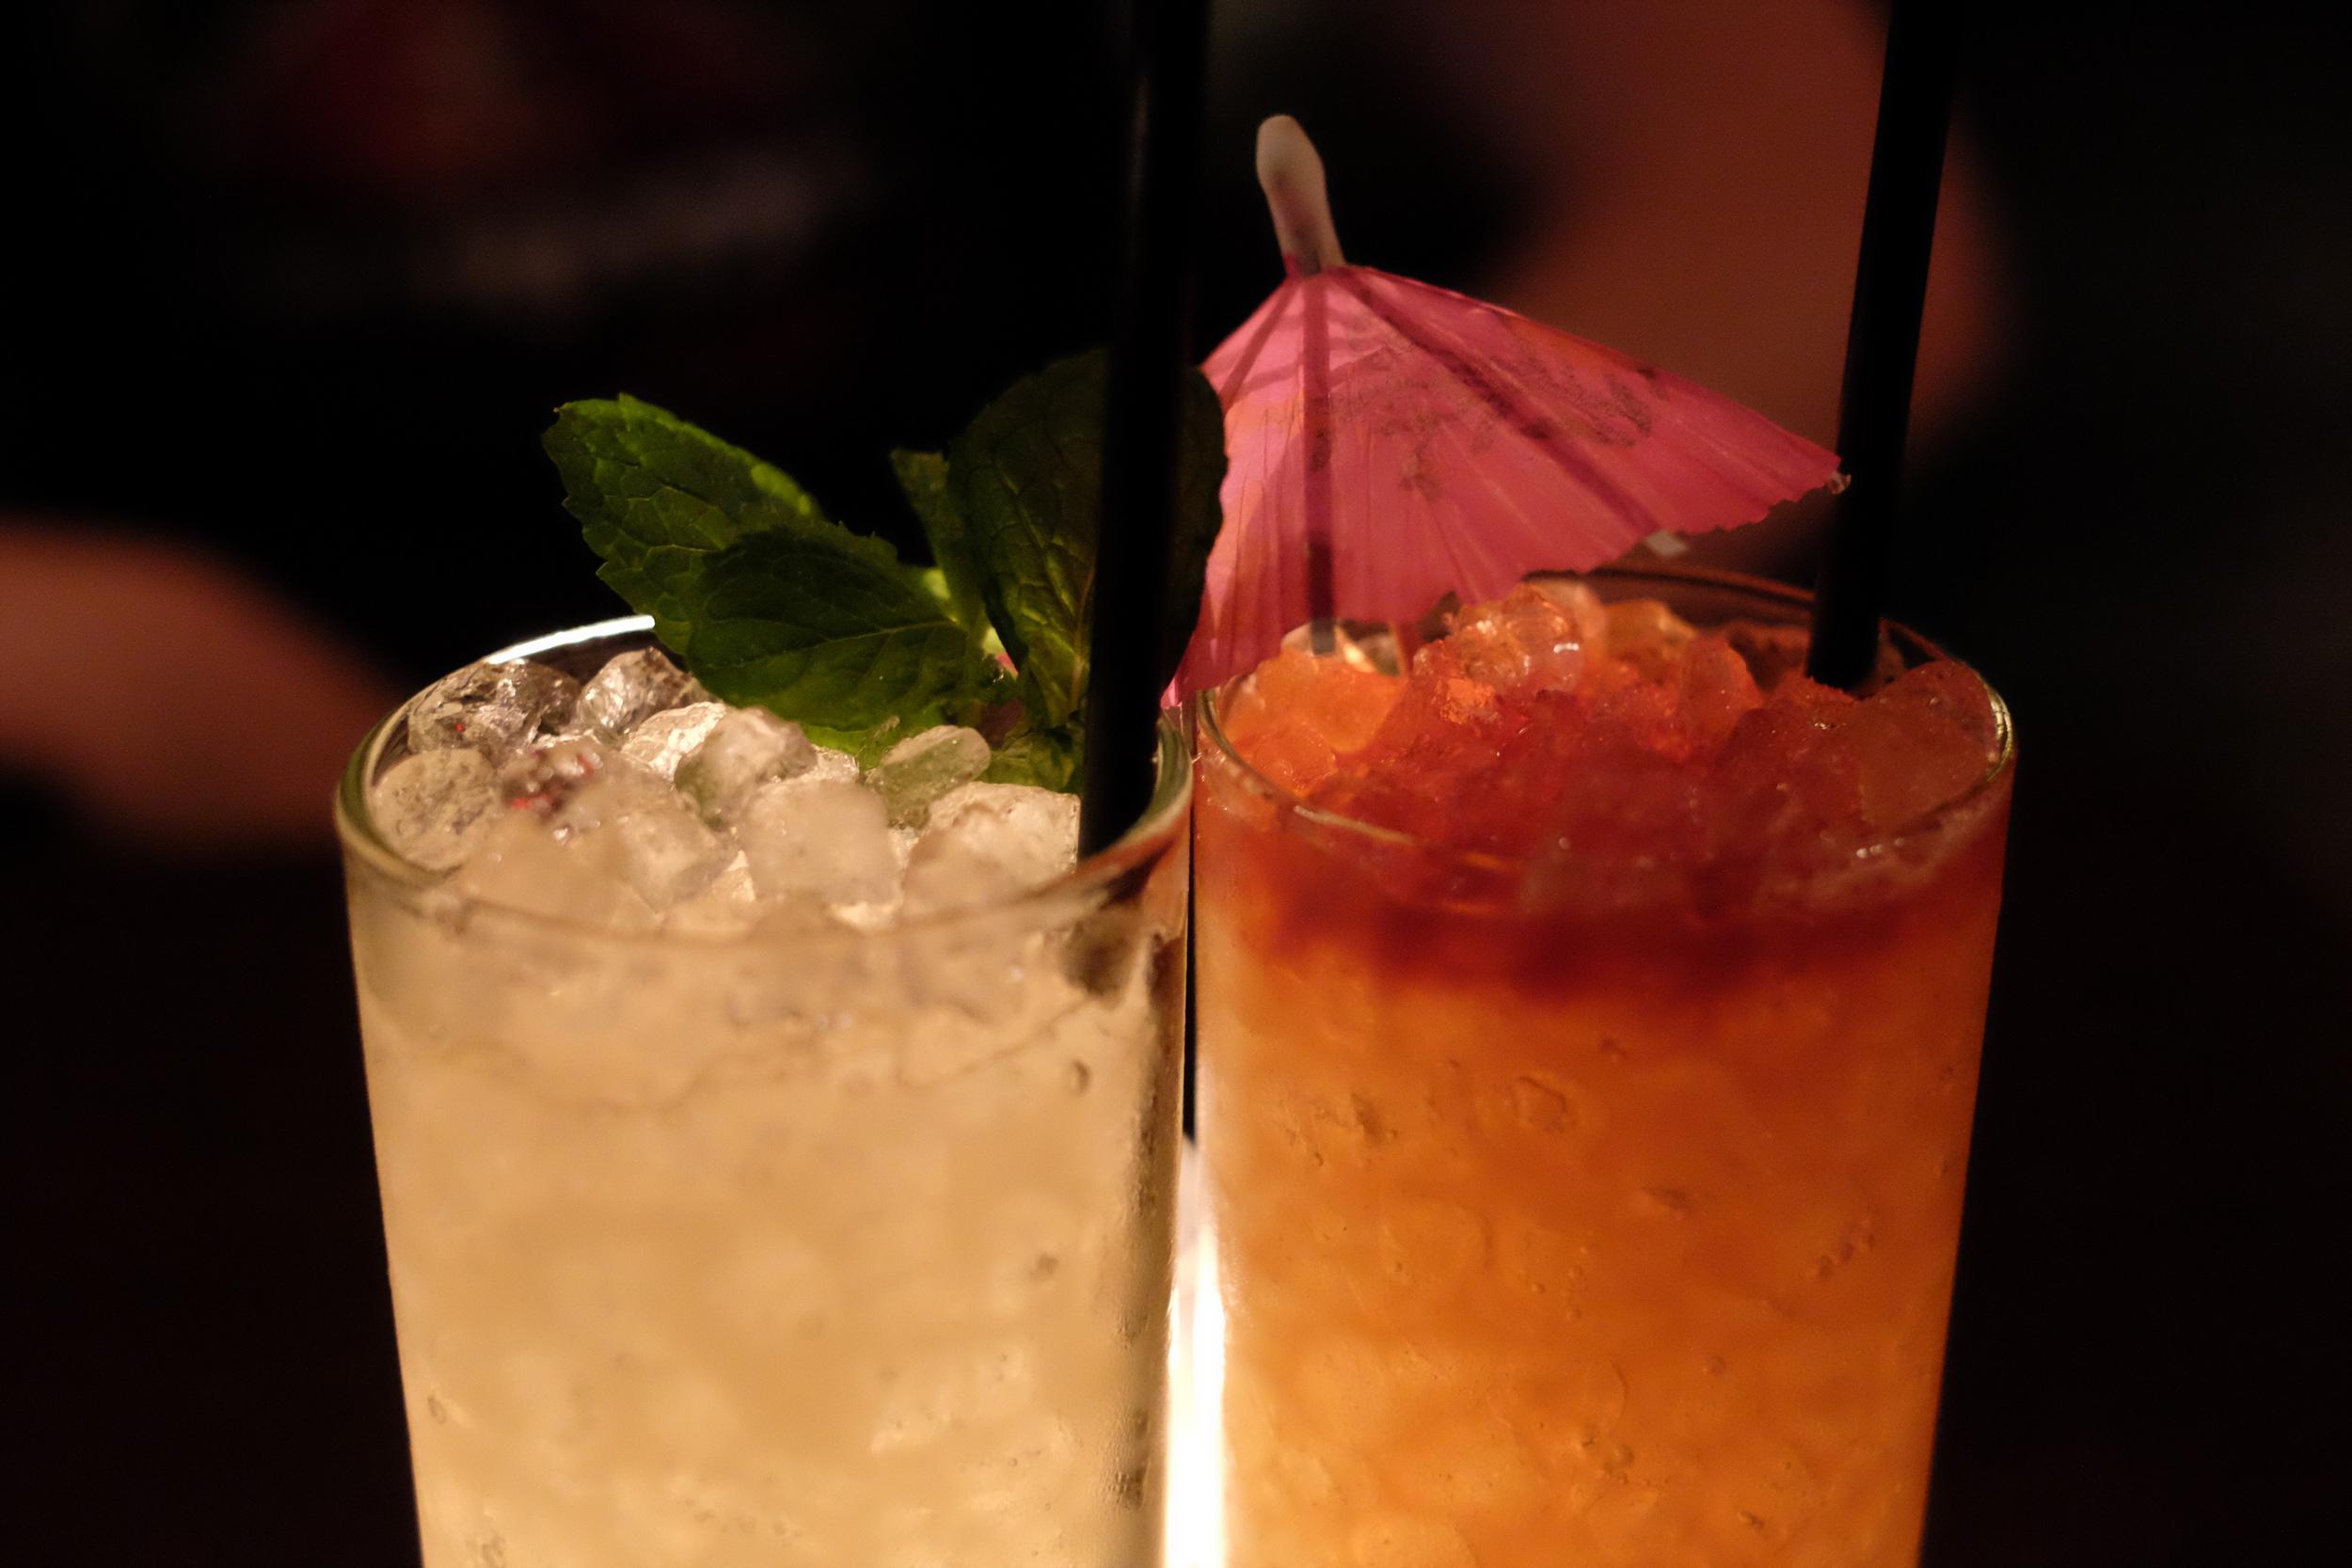 Cocktails • 35mm • f/2.8 • 1/38